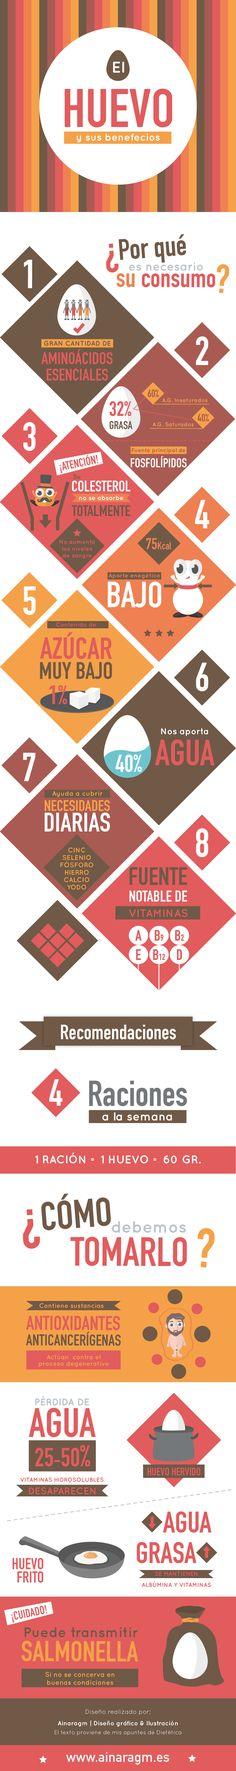 Infografía sobre las propiedades del #huevo #alimentacion #dietetica #salud #infografia #diseno #ilustracion